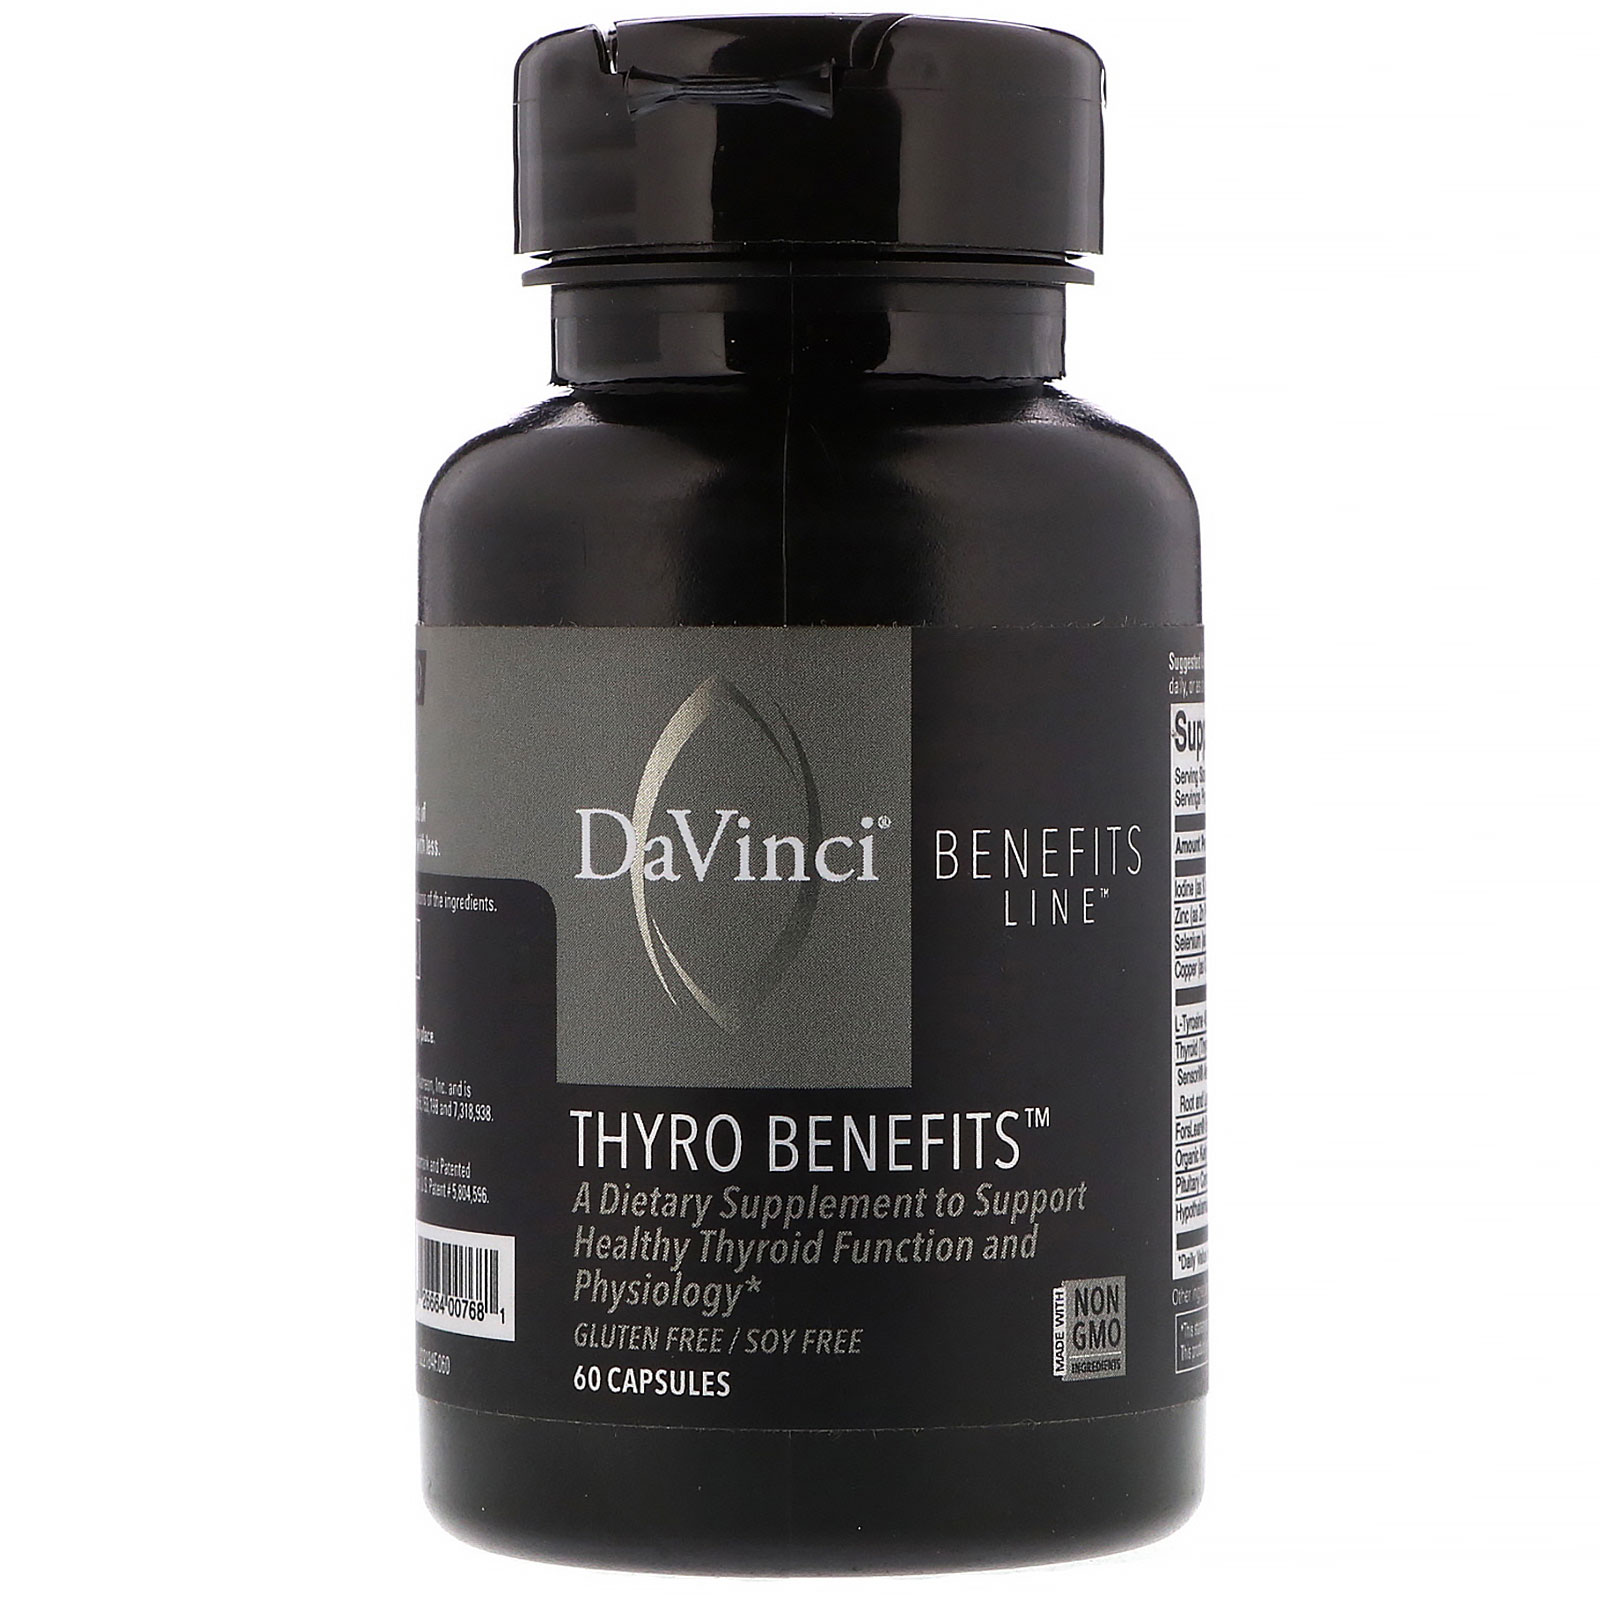 DaVinci Benefits, Thyro Benefits, 60 Capsules